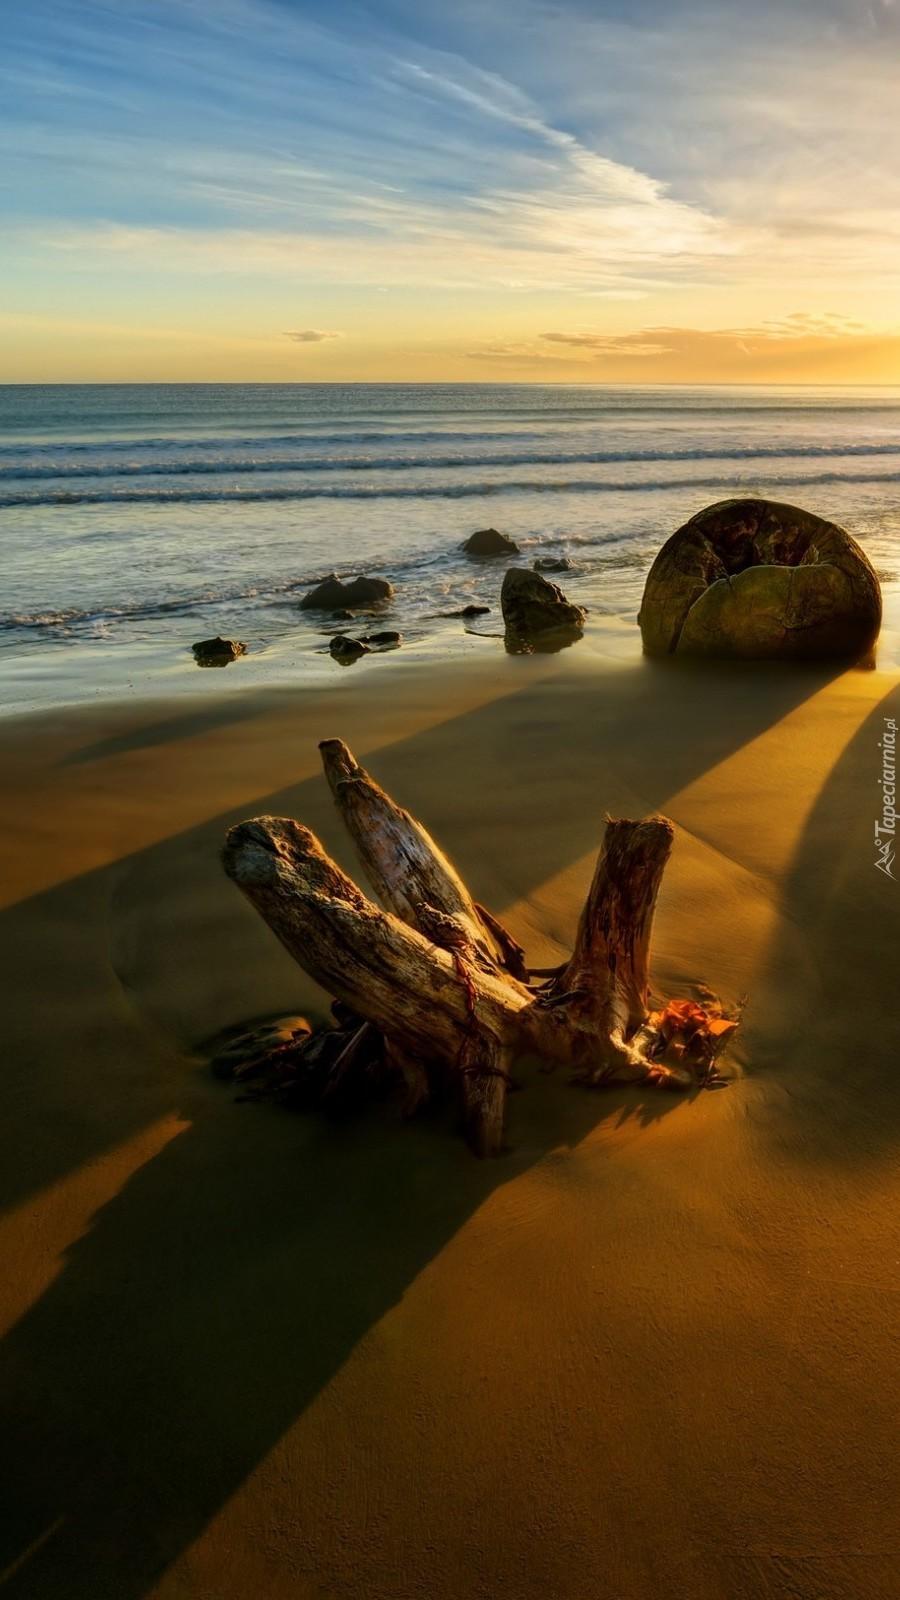 Plaża w Nowej Zelandii